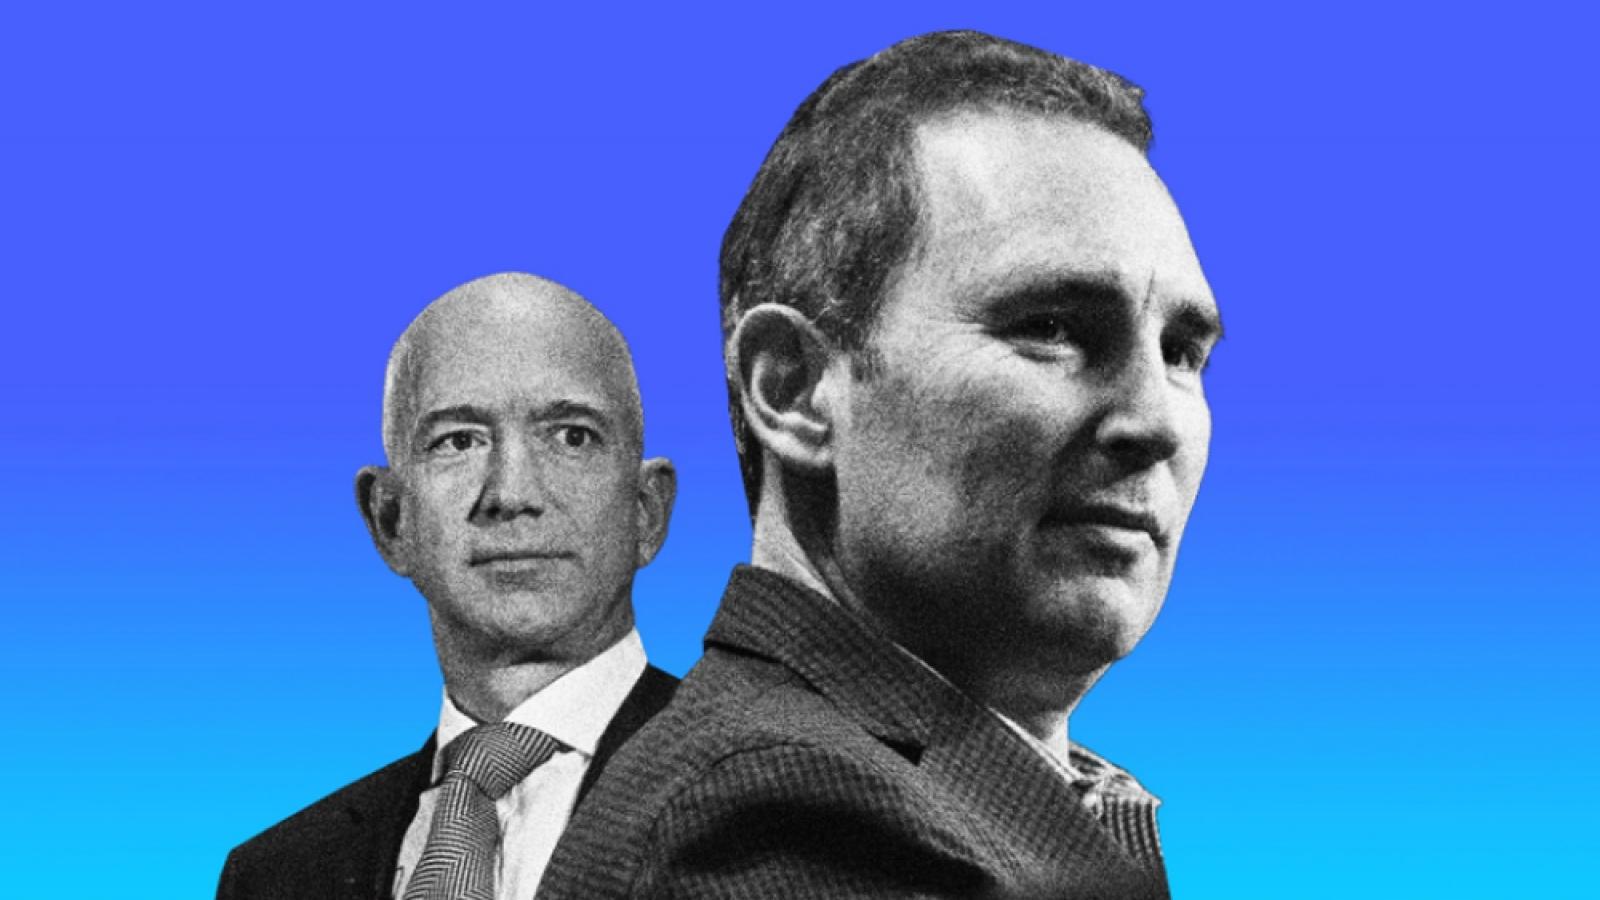 Chân dung người kế nhiệm Jeff Bezos ngồi vào ghế CEO Amazon